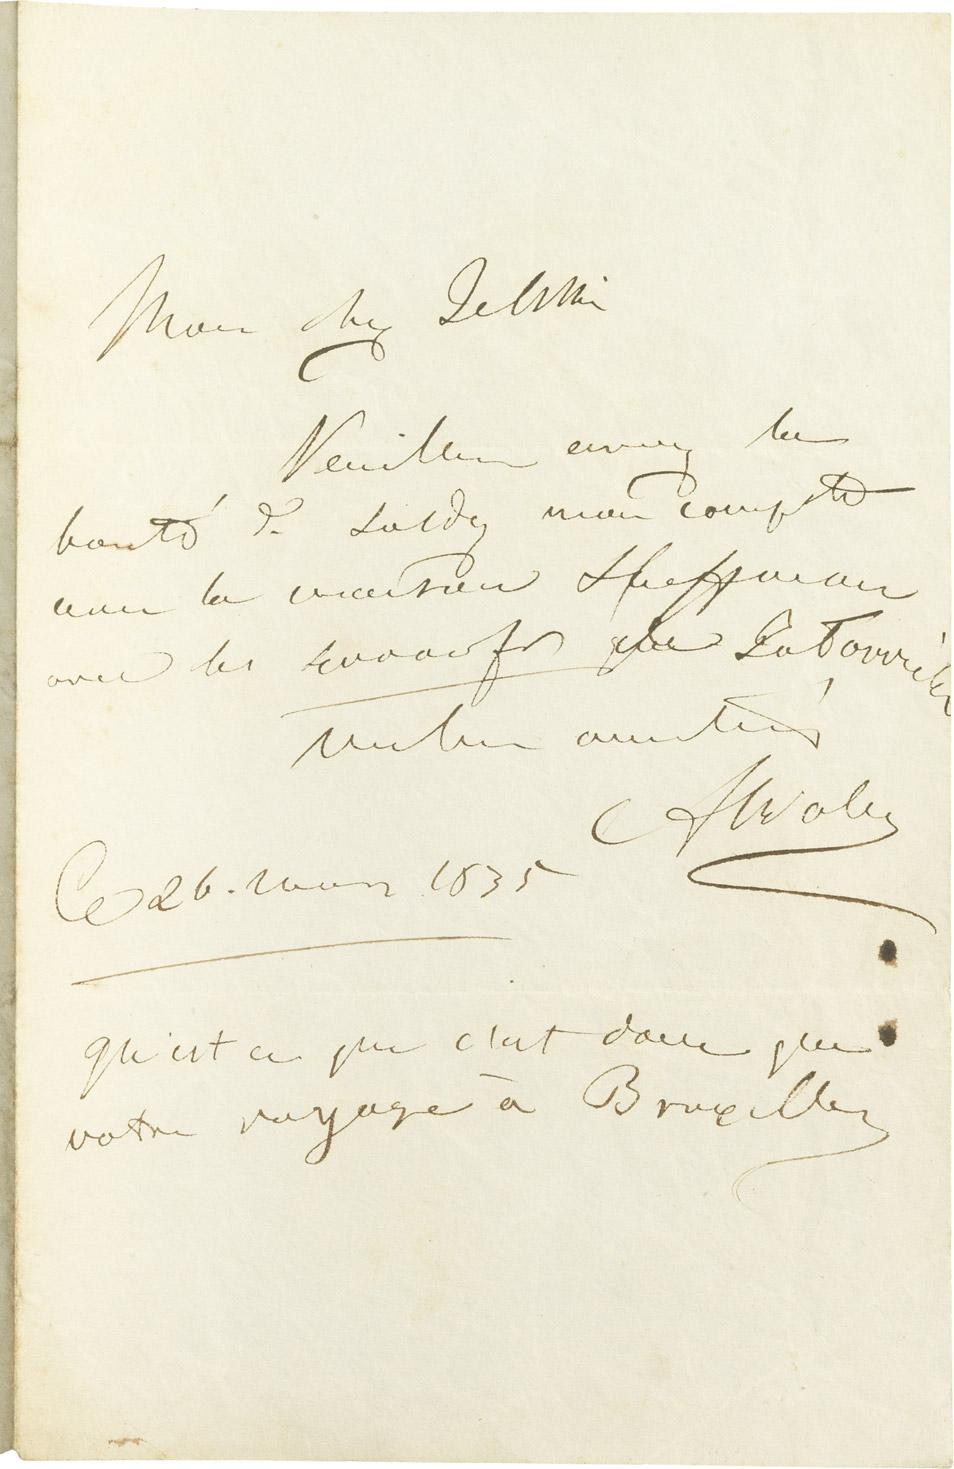 Lettre d'Alexandre I Walewski au comte Jelski - Patrimoine Charles-André COLONNA WALEWSKI, en ligne directe de Napoléon